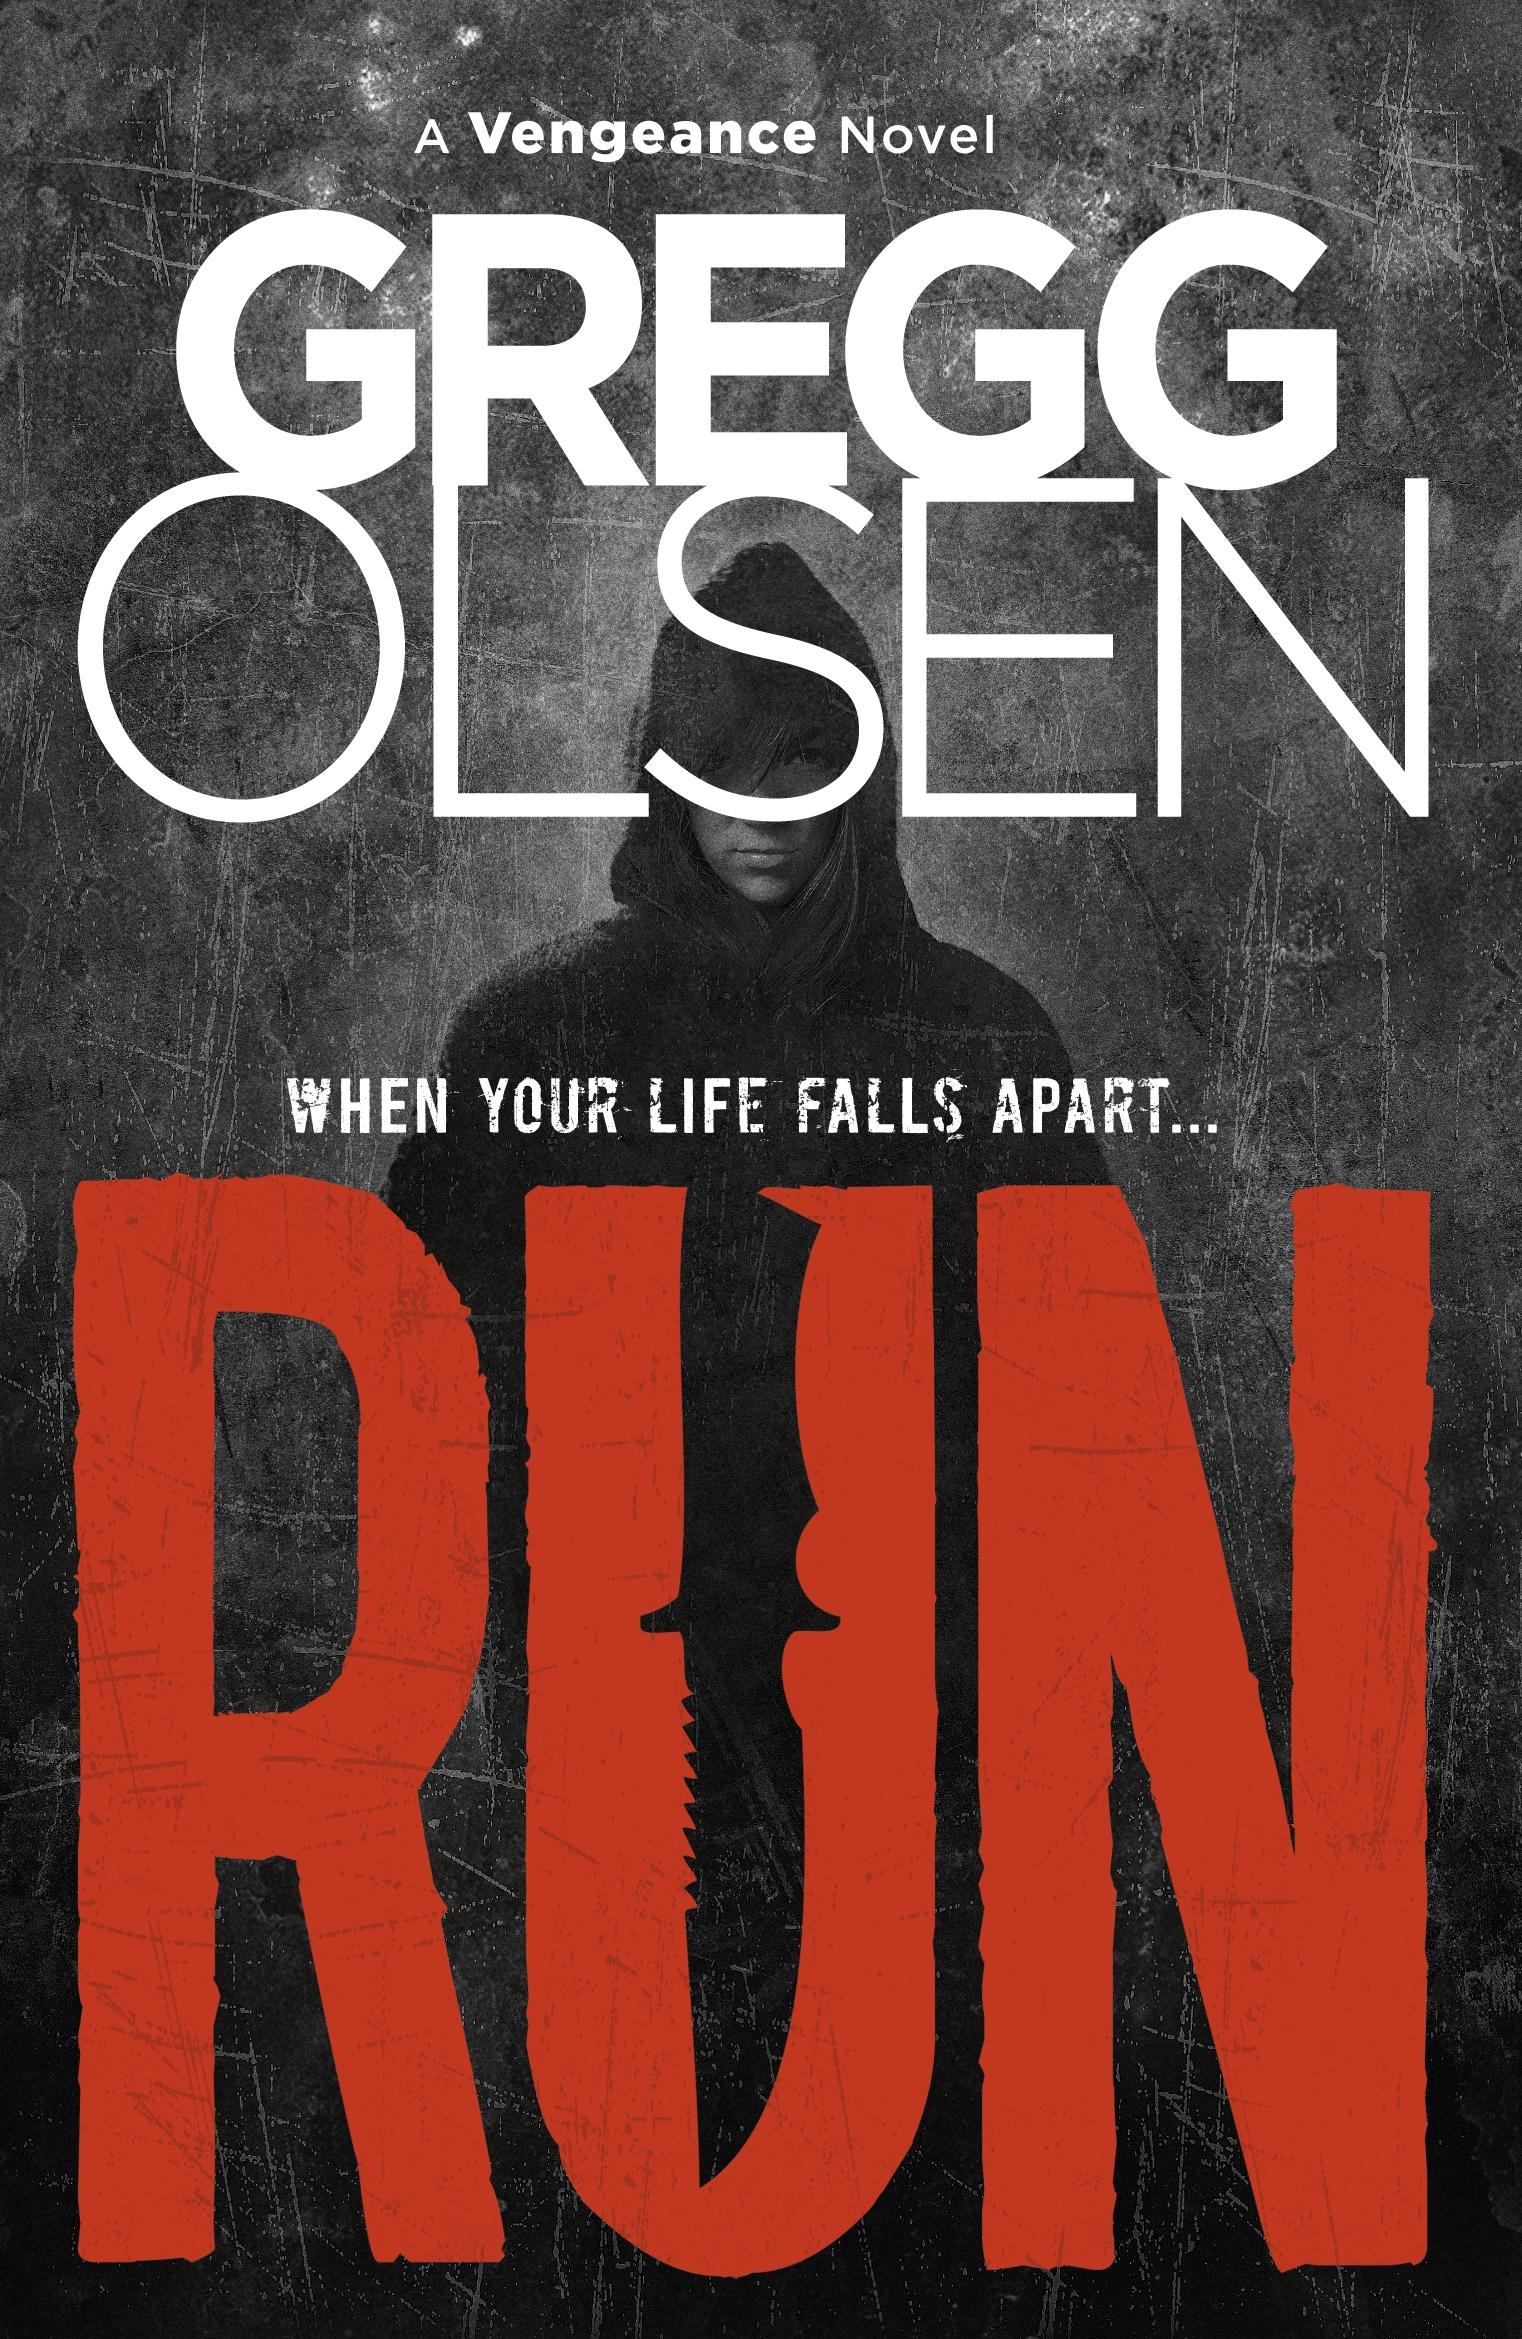 Run by Gregg Olsen